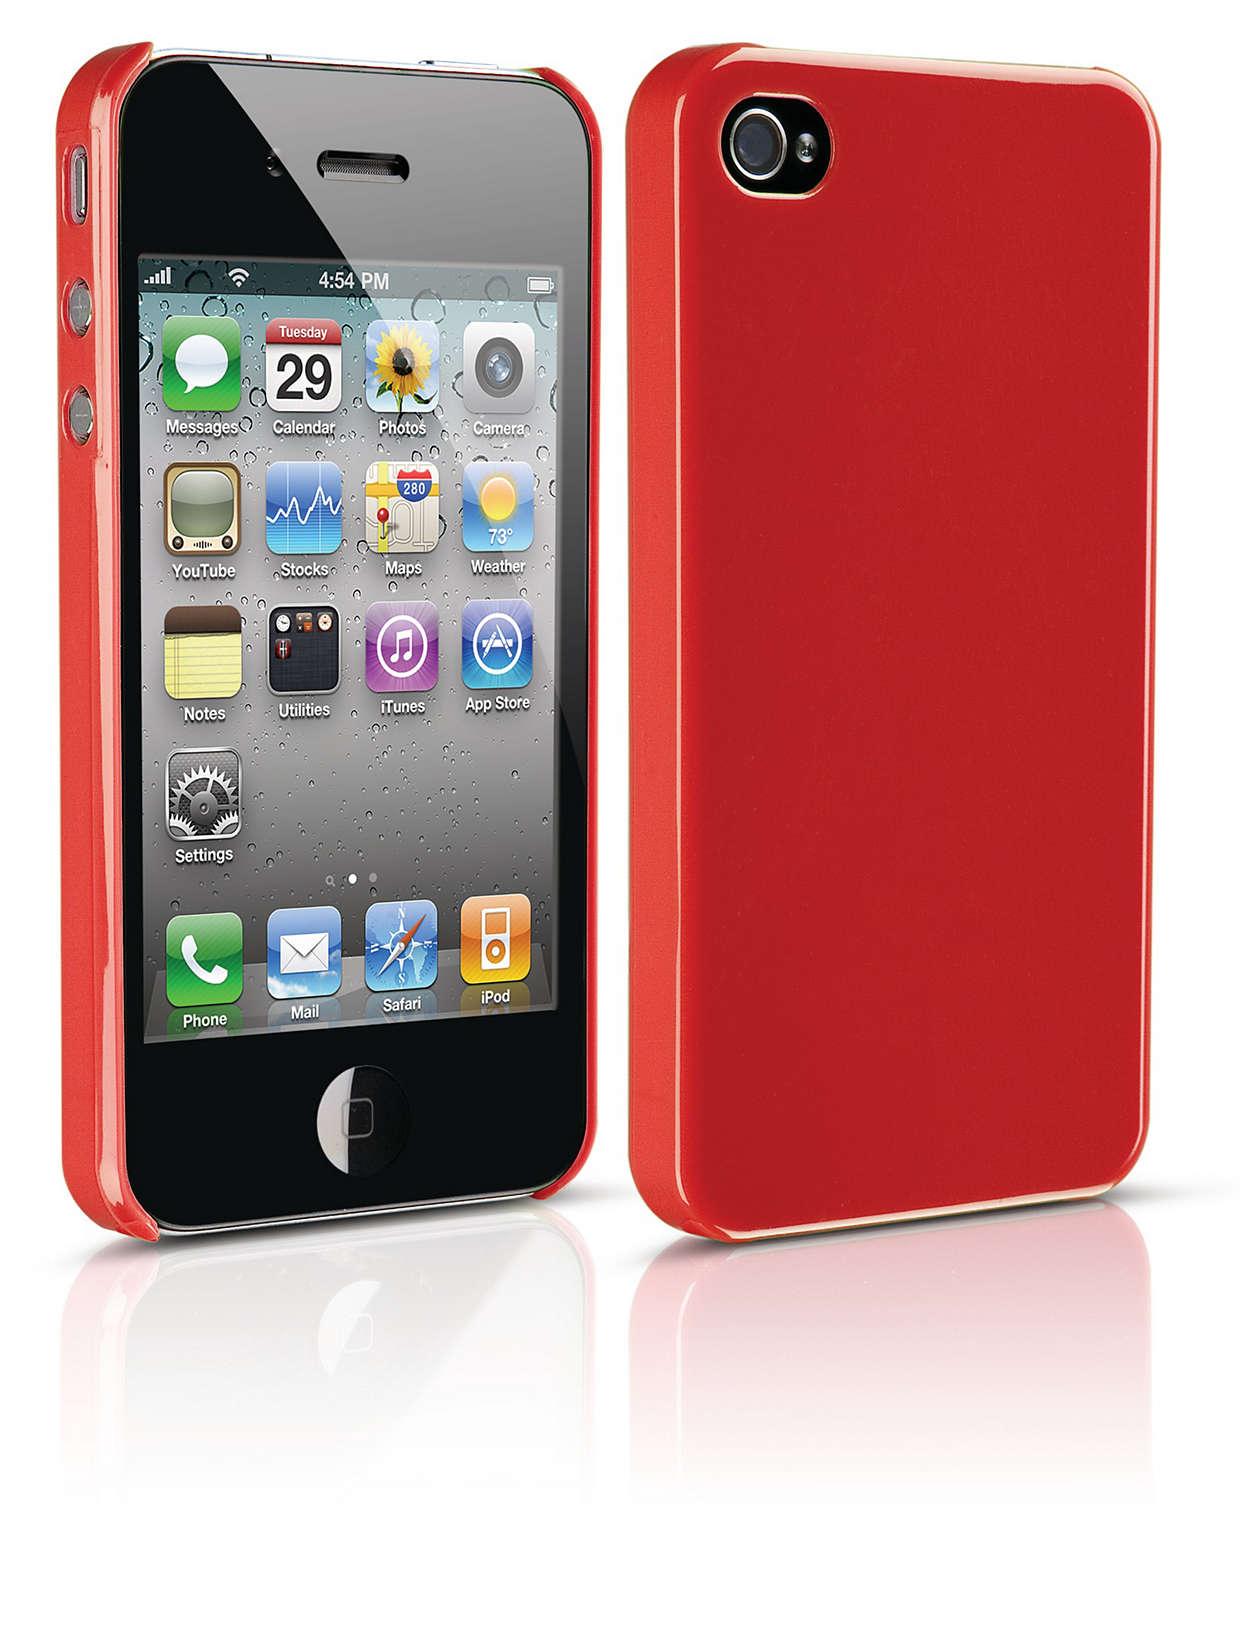 Protégez votre iPhone dans un étui rigide